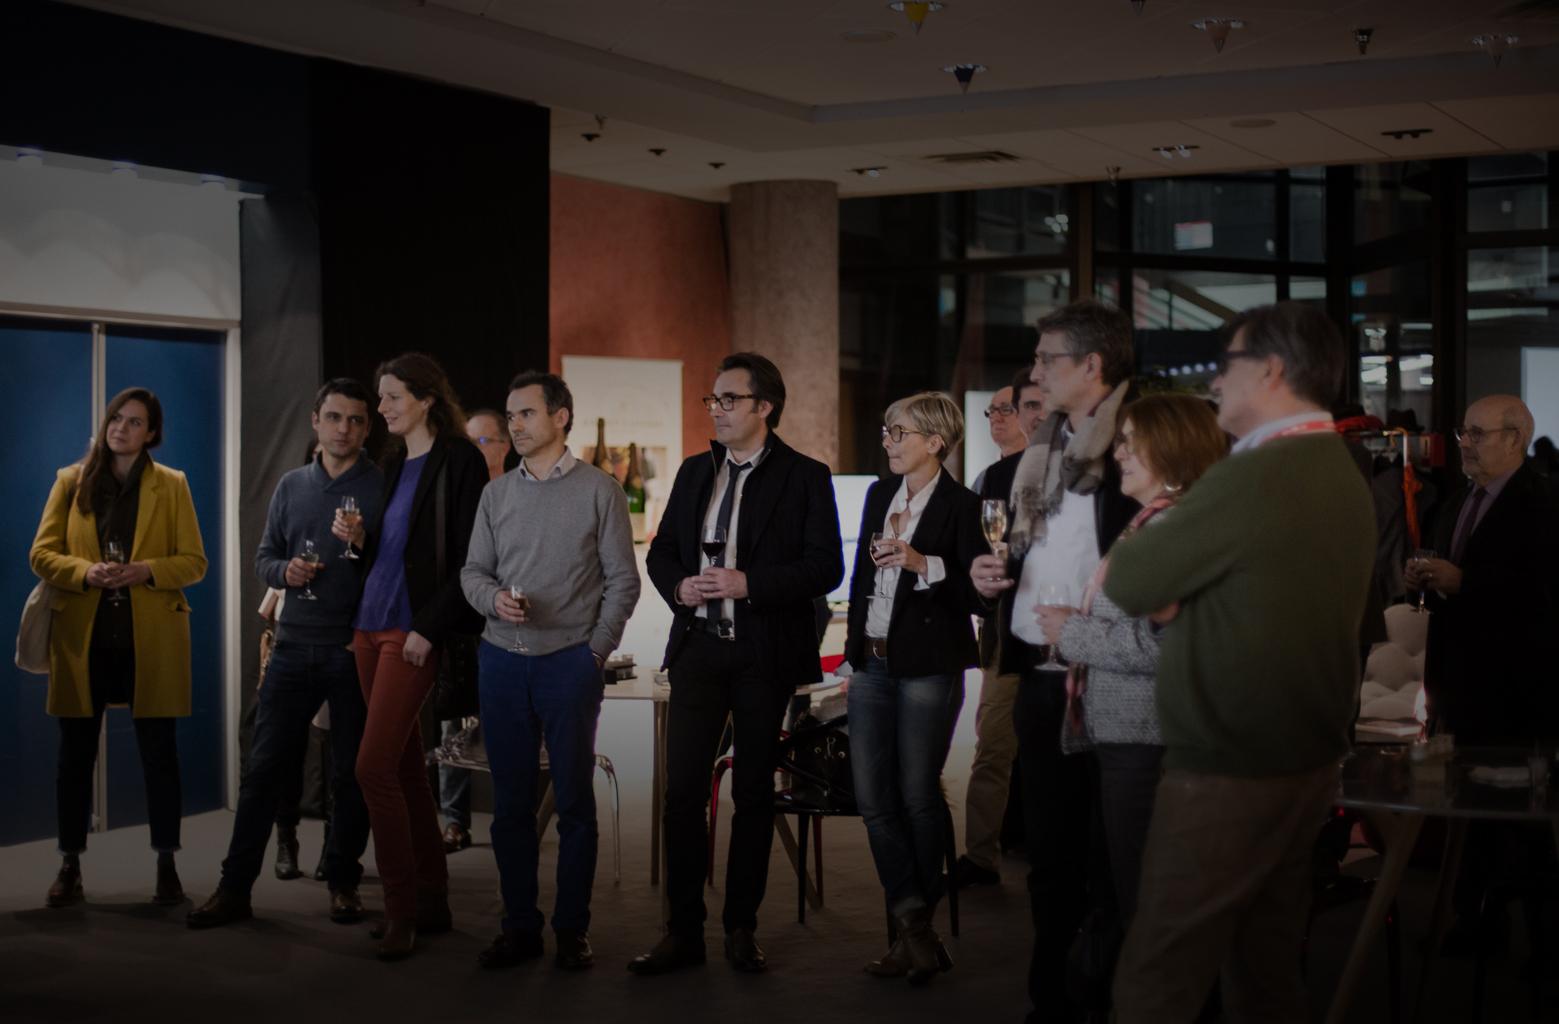 Photographie de groupe prise lors de la soirée Premiers Plans